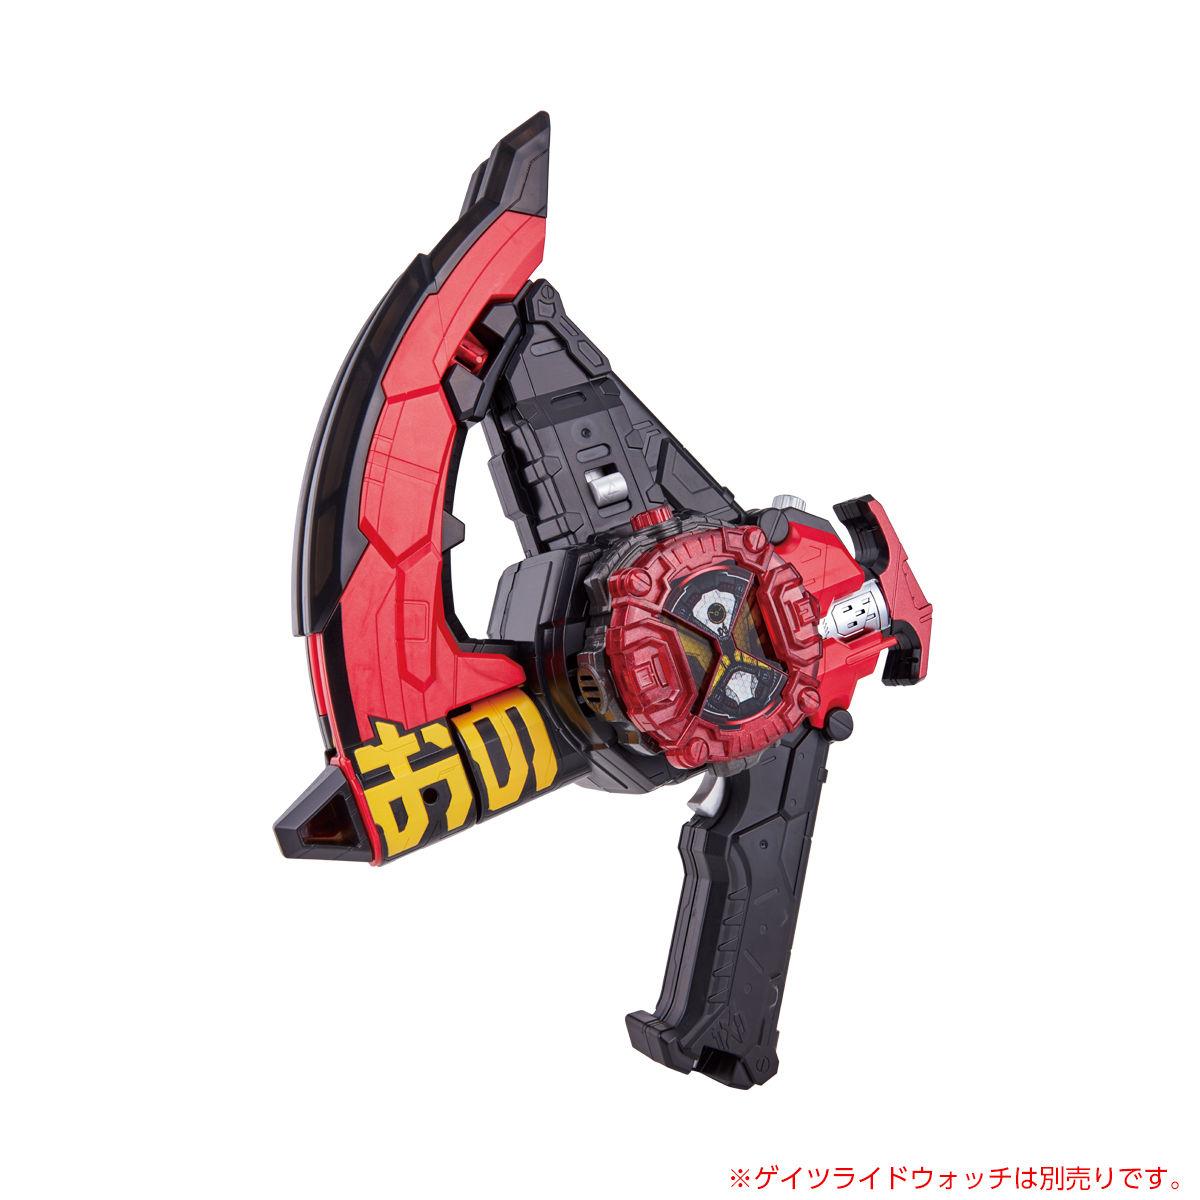 仮面ライダージオウ『時間厳斧DXジカンザックス』変身なりきり-003